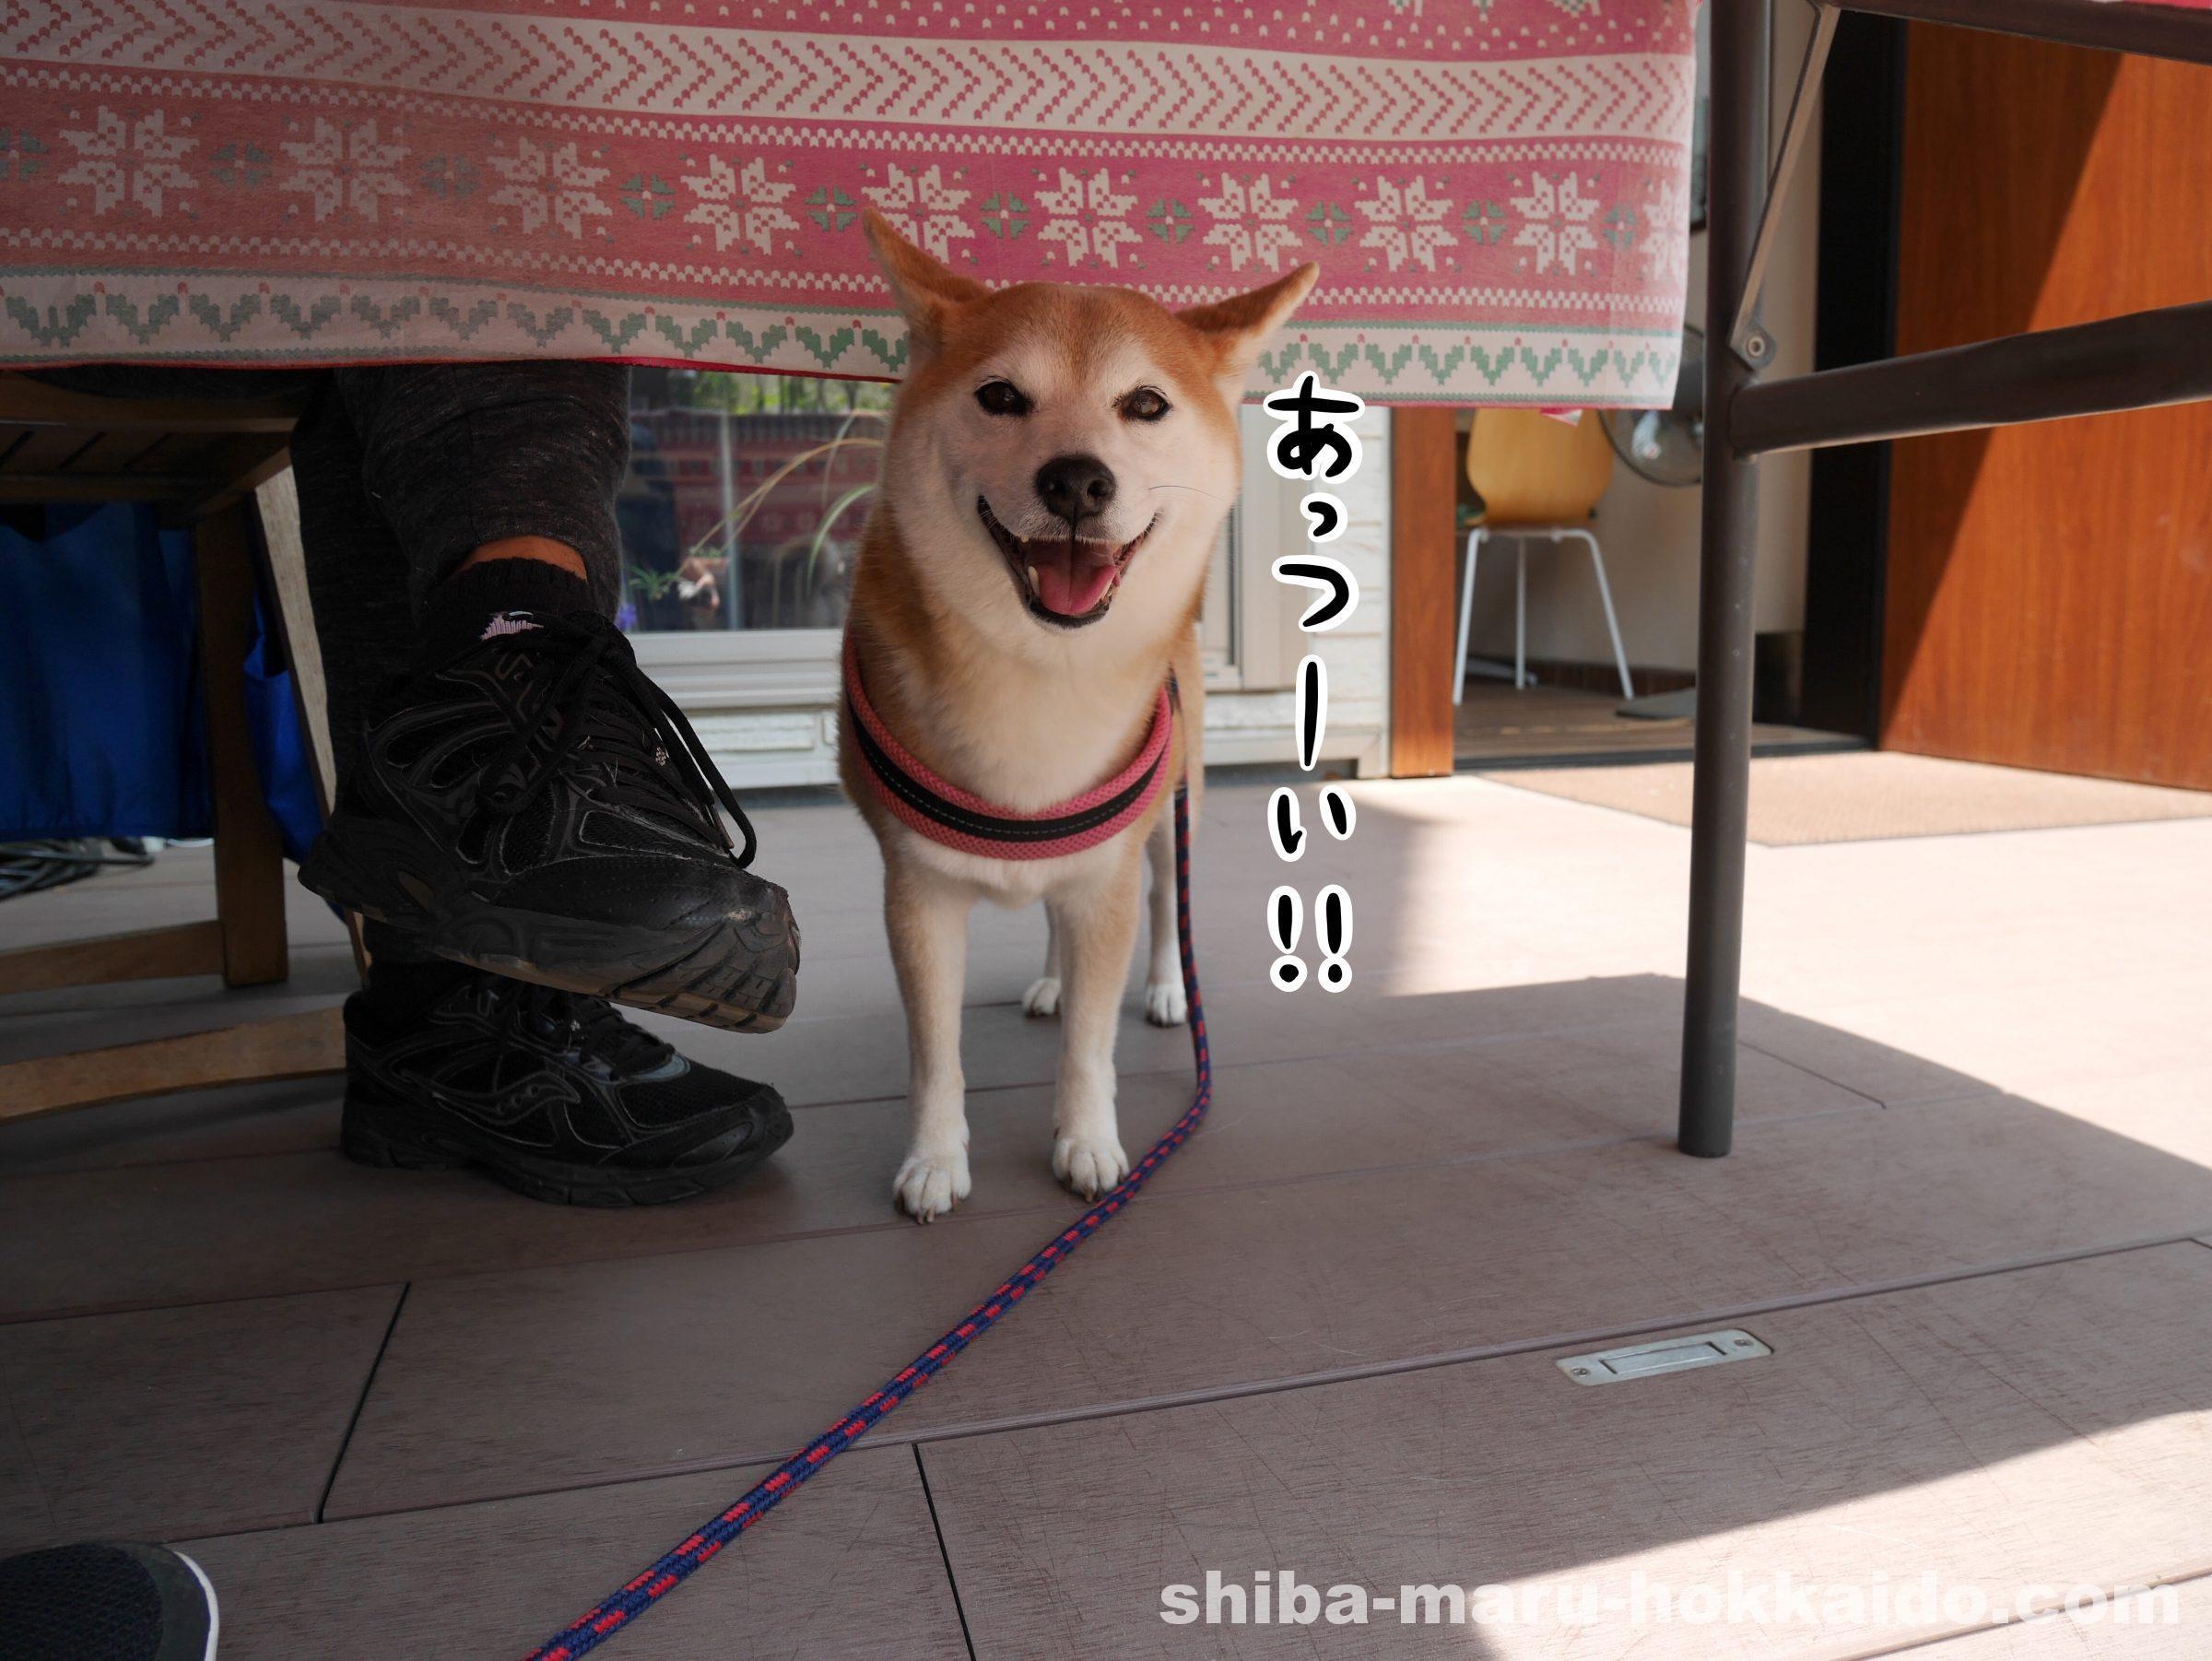 【5/7追記】立川柴崎町の「cafeジロー」に柴犬まるといってきました!